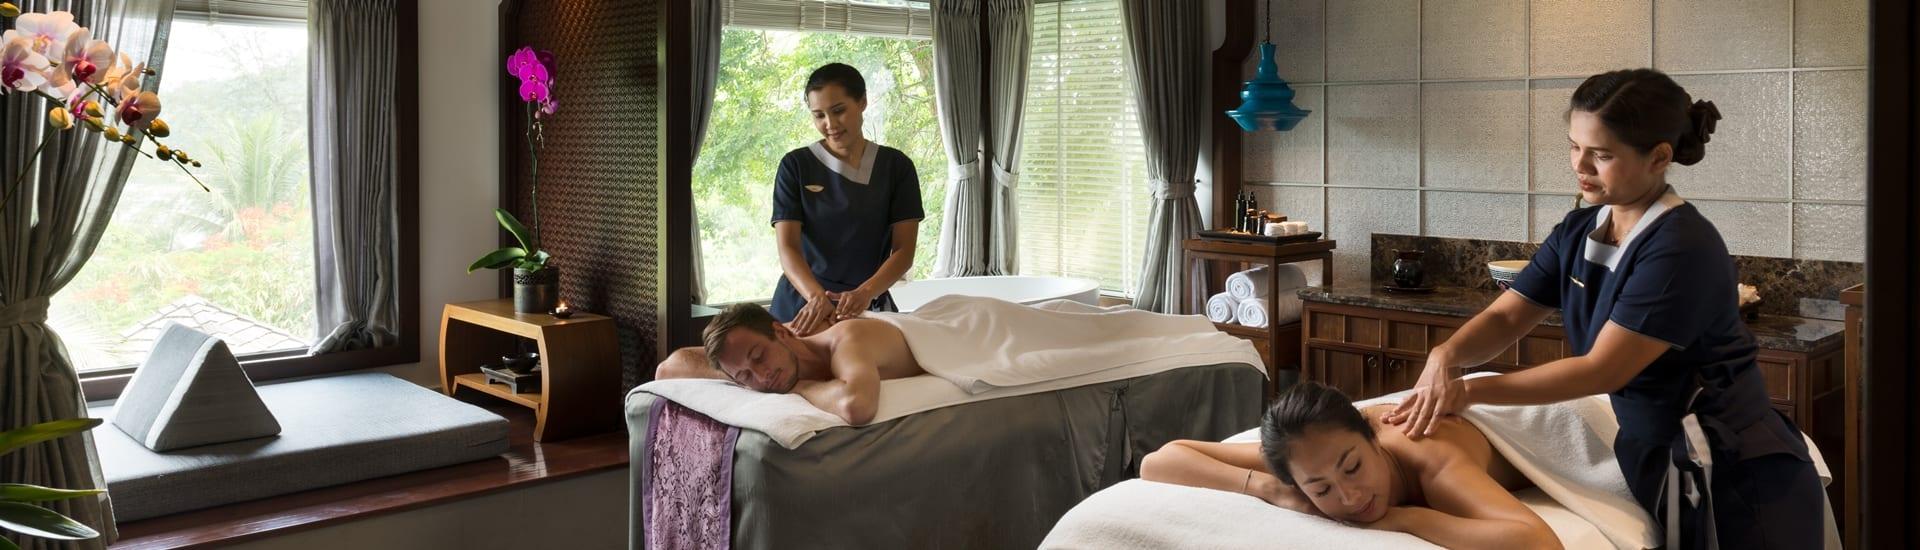 Luxury Spa Phuket | Anantara Layan Phuket | Spa Packages